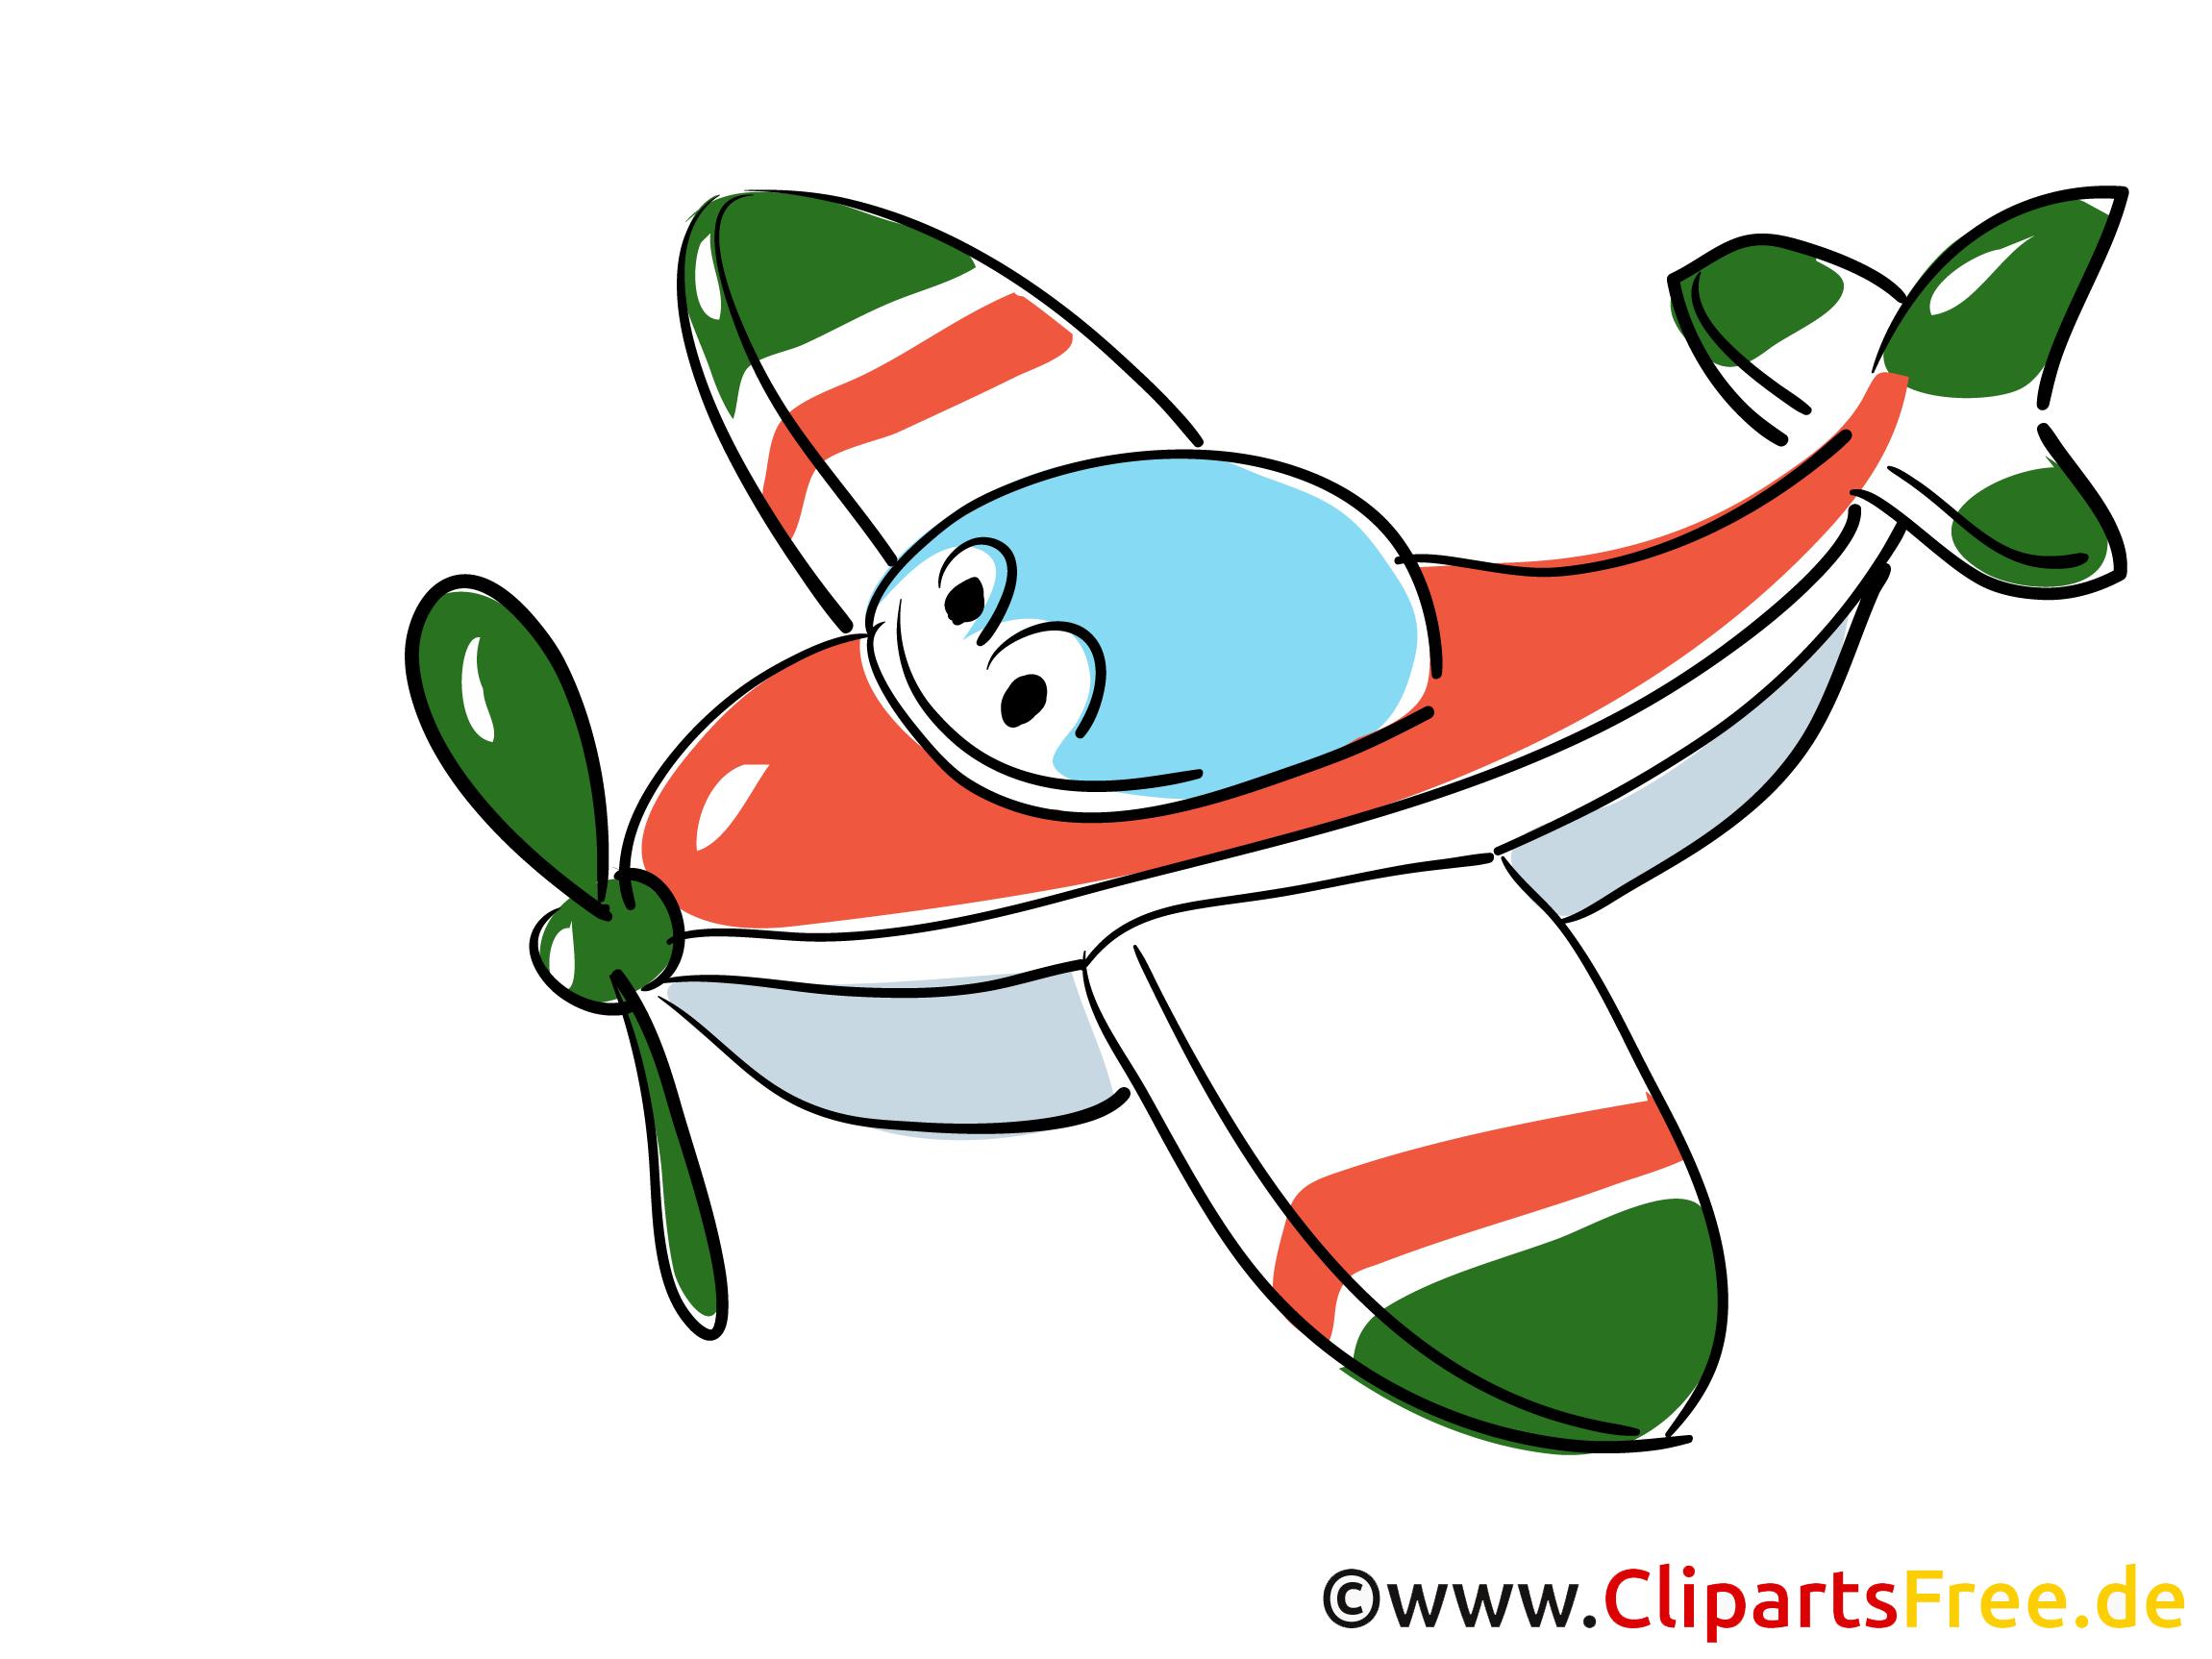 Clipart Flieger kostenlos